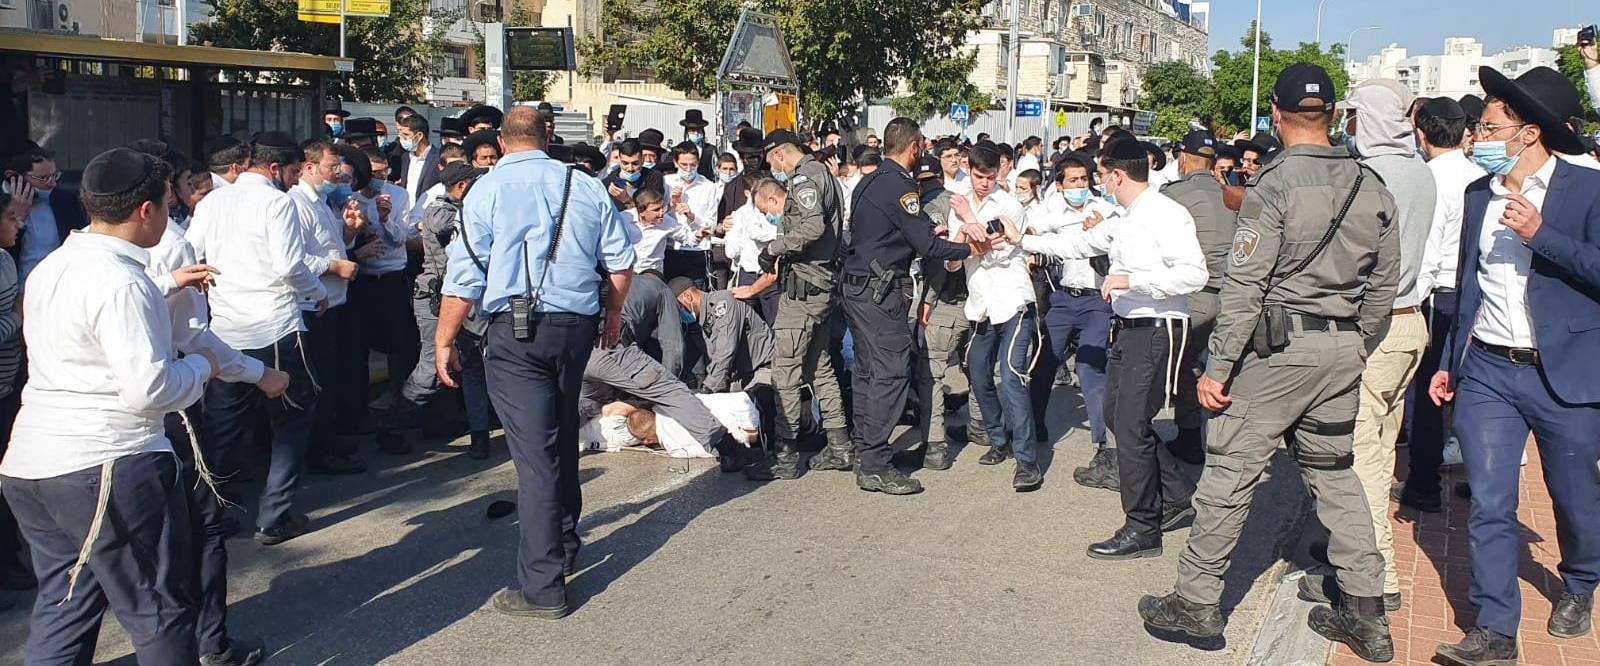 עימותים בין אנשי הפלג ירושלמי לשוטרים באשדוד